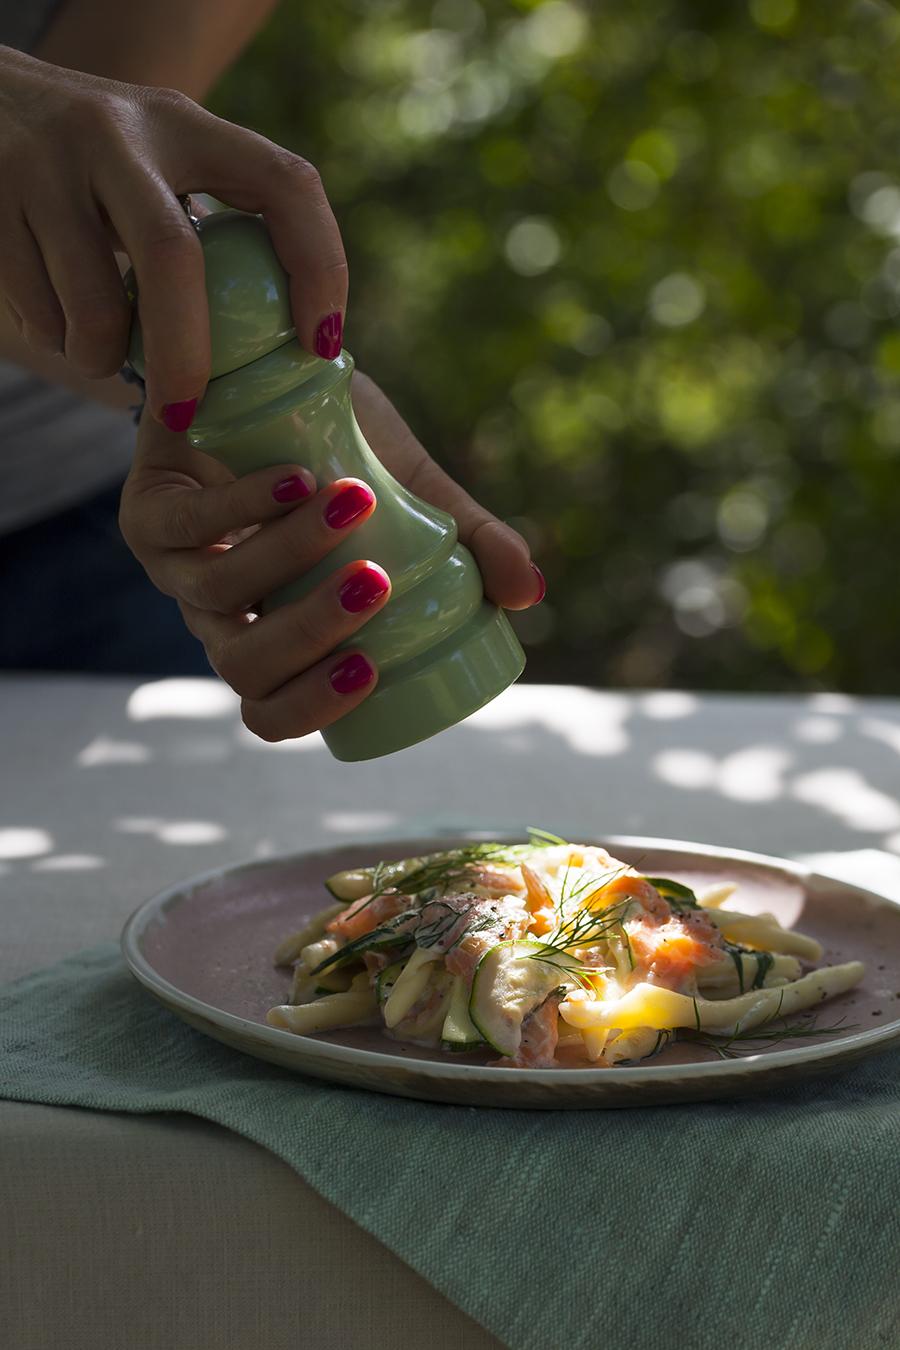 makaron złososiem icukinią, szybki obiad